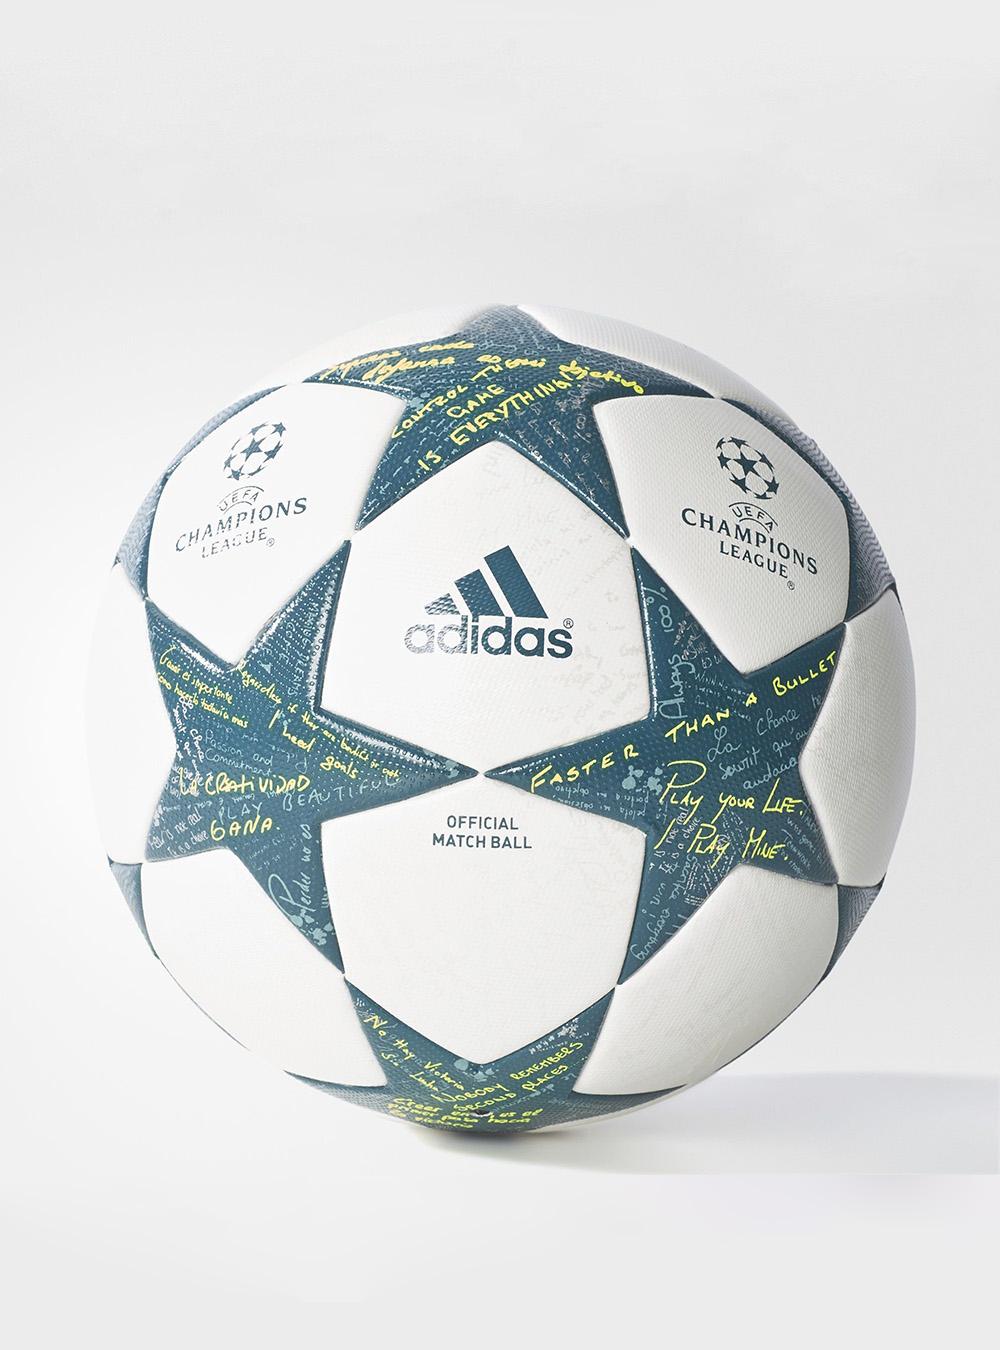 Футбольный мяч  Лига Чемпионов УЕФА FINALE 16 OFFICIALМячи<br>Футбольный мяч  Лига Чемпионов УЕФА FINALE 16 OFFICIAL<br>